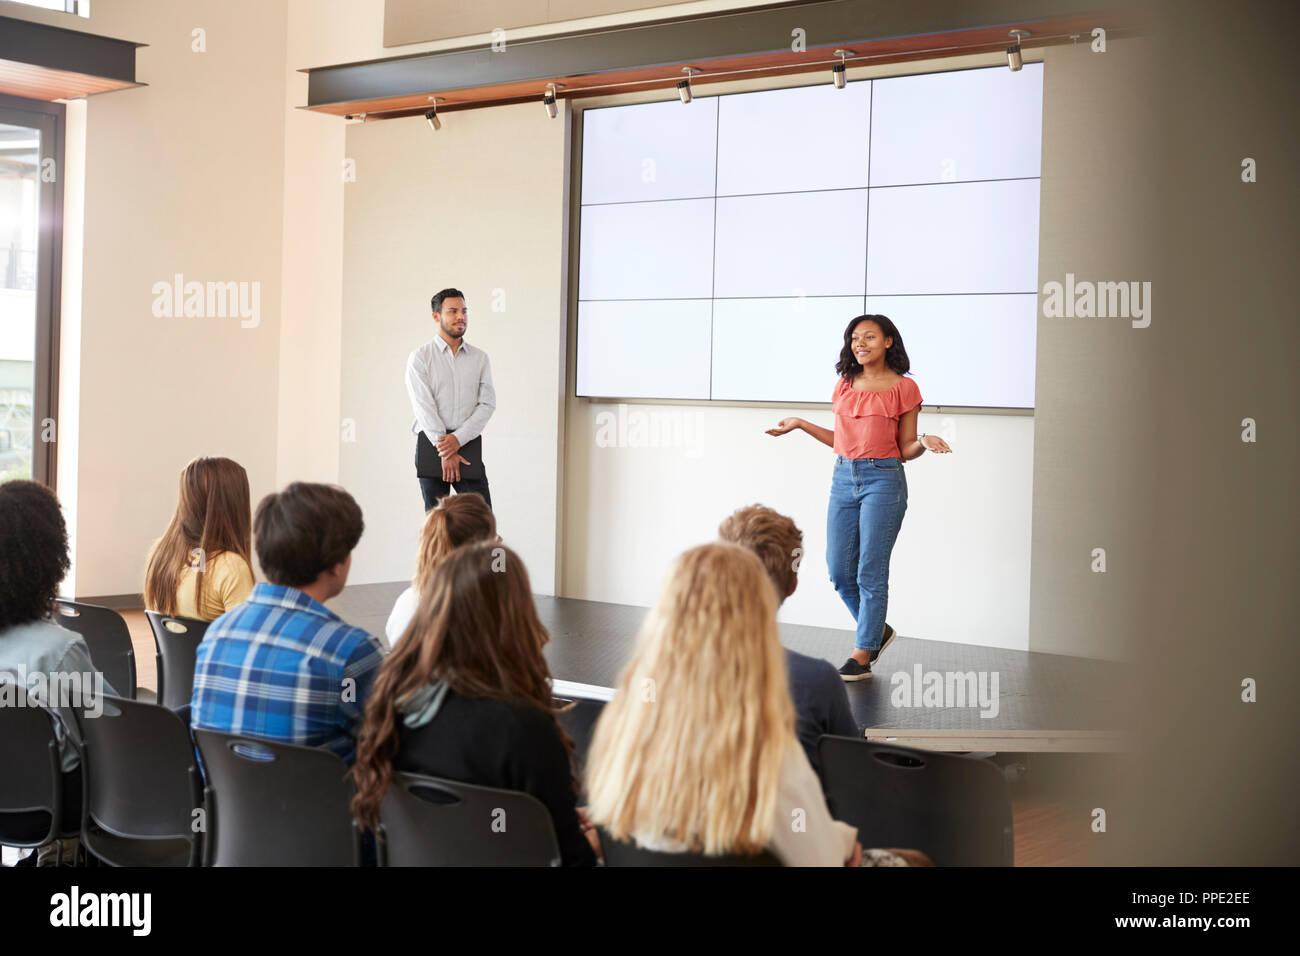 Studentin eine Präsentation halten zu High School Klasse Vor der Bildfläche Stockfoto